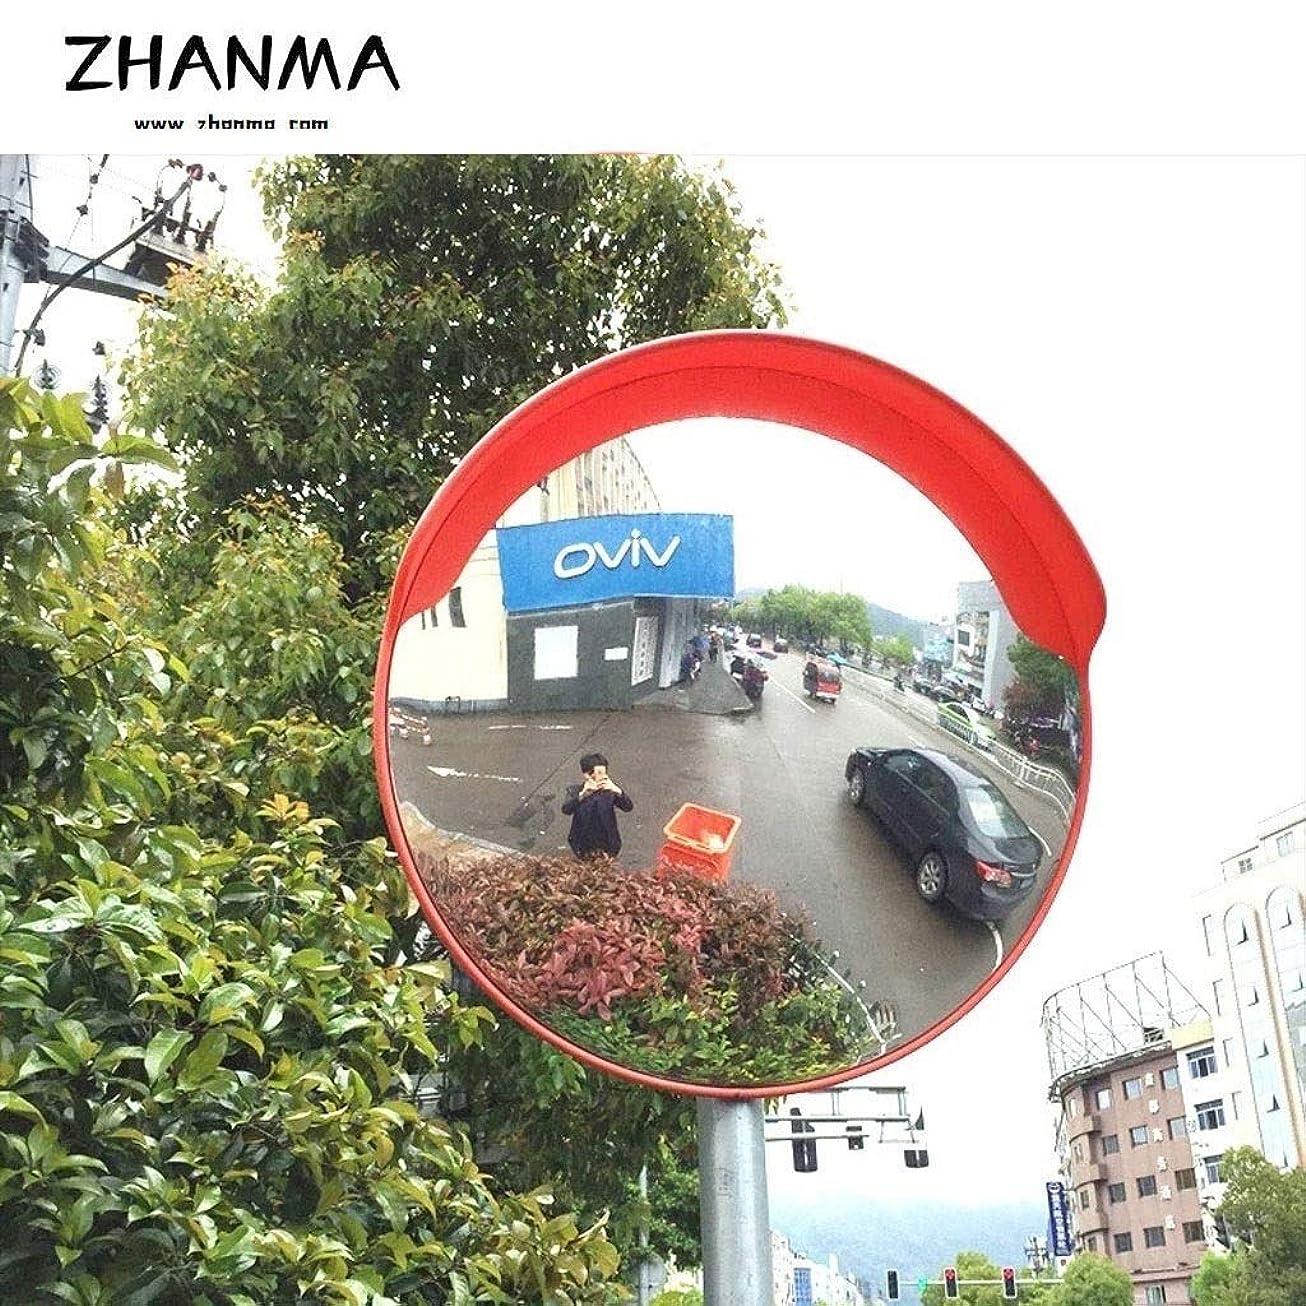 一方、話をする影響ZhanMa ガレージミラー,カーブミラー 45センチメートル60センチメートル75センチメートル80センチメートル100センチメートル120センチメートル交通道路180°の広角レンズ、ABSのHDガレージミラー (Size : 80cm)